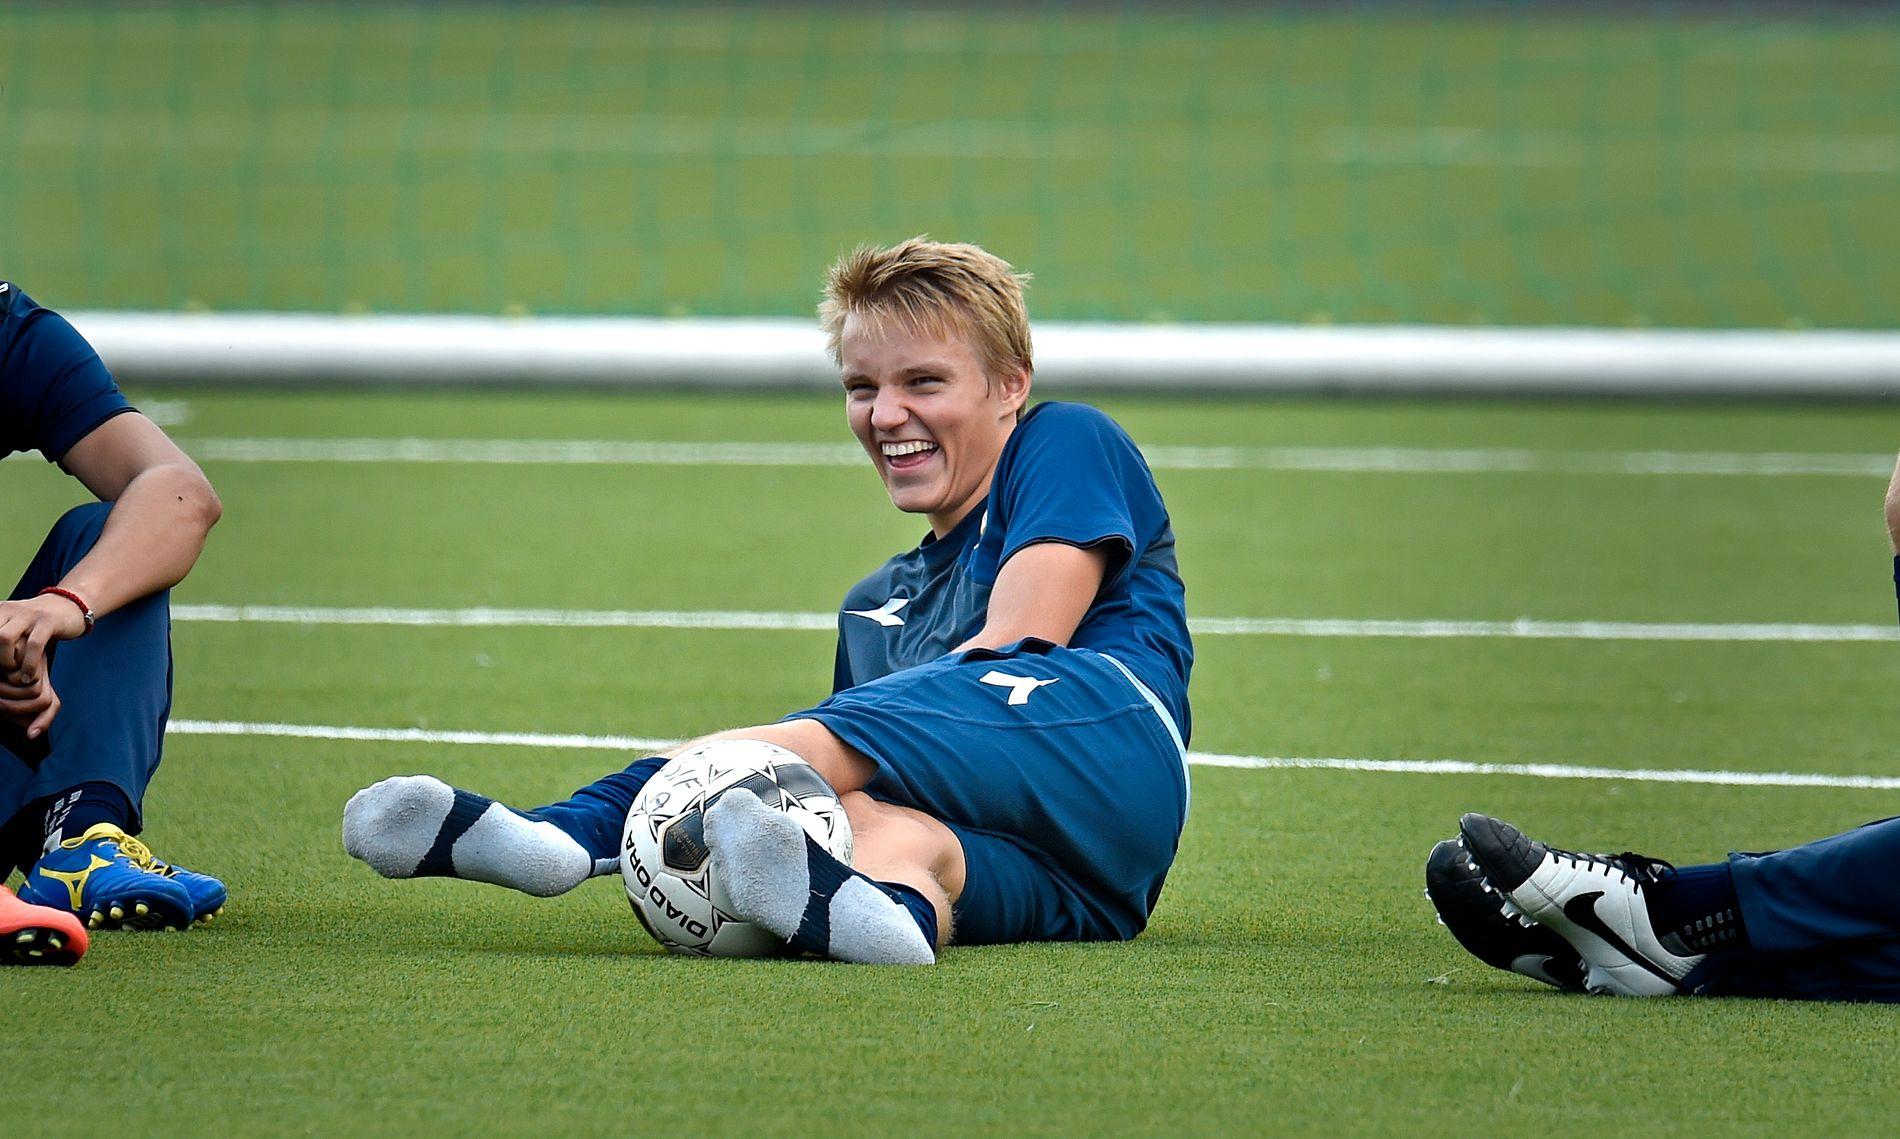 FØLGER MED: Martin Ødegaard, her som 15 år gammel Strømsgodset-spiller, slo igjennom i Eliteserien. Han følger fortsatt med.